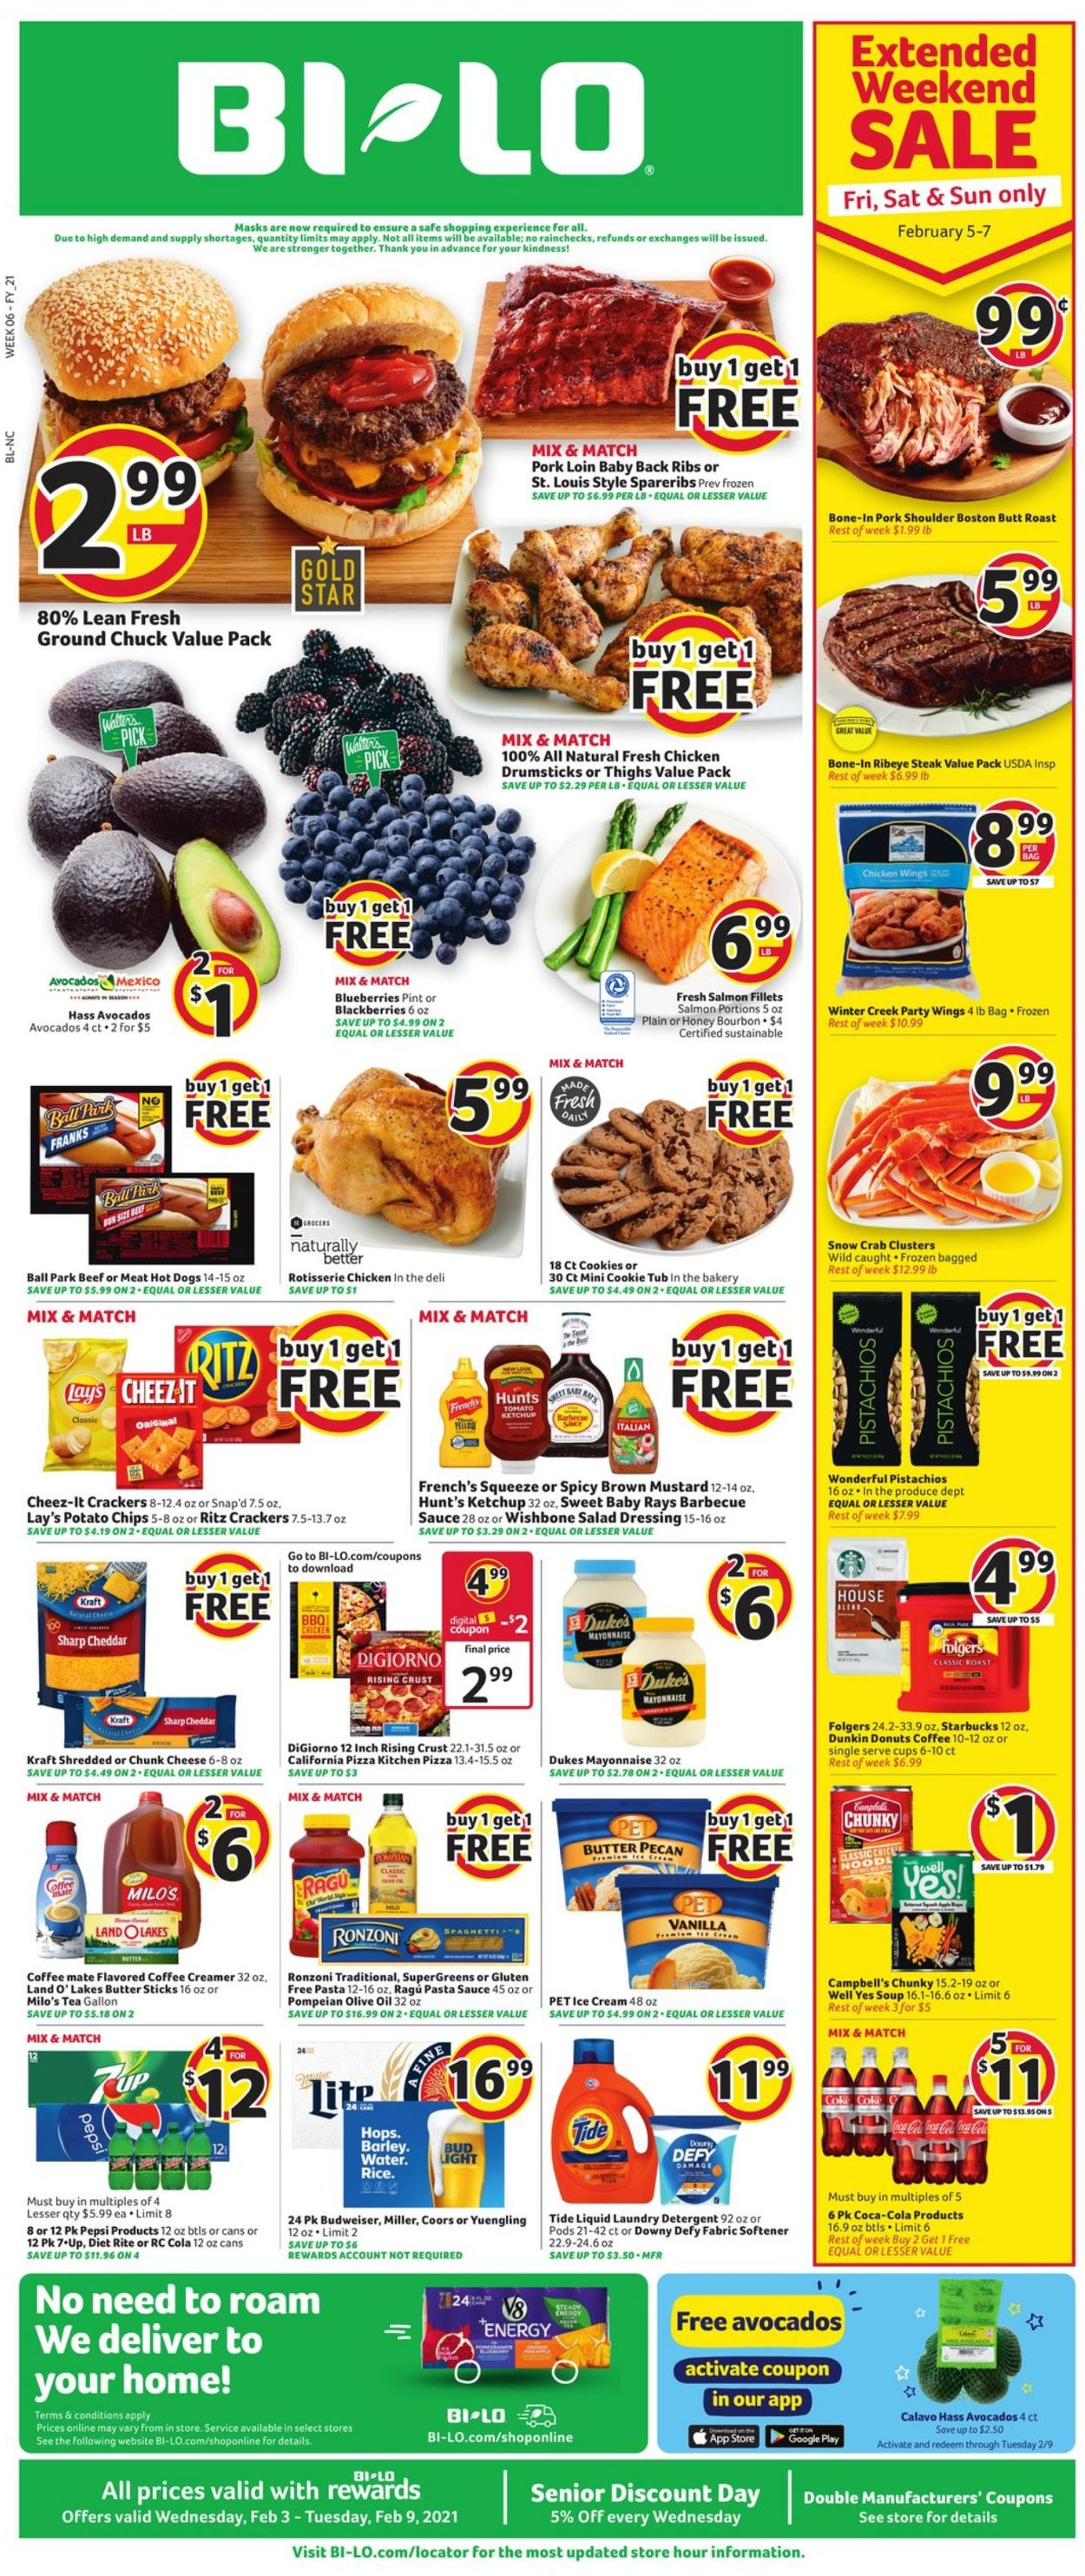 BI-LO Weekly Ad Circular - valid 02/03-02/09/2021